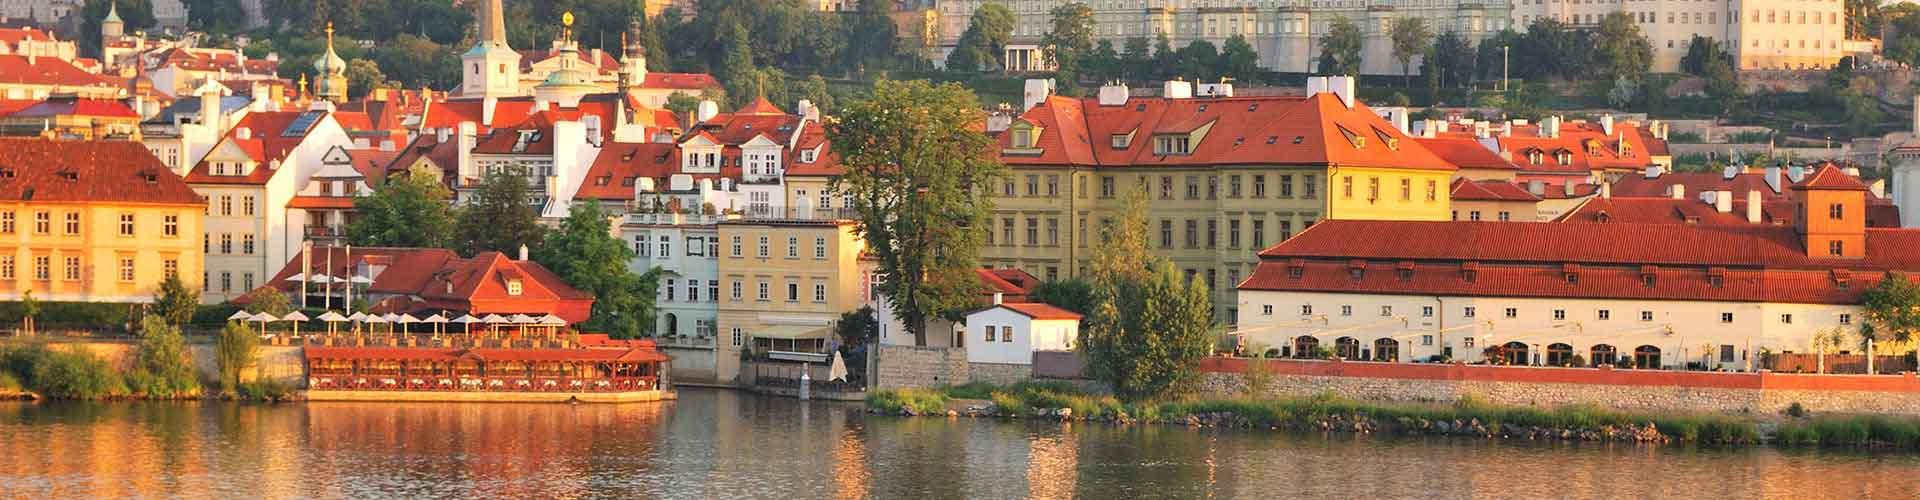 Praga - Habitaciones cerca a El Castillo de Praga. Mapas de Praga, Fotos y comentarios de cada Habitación en Praga.